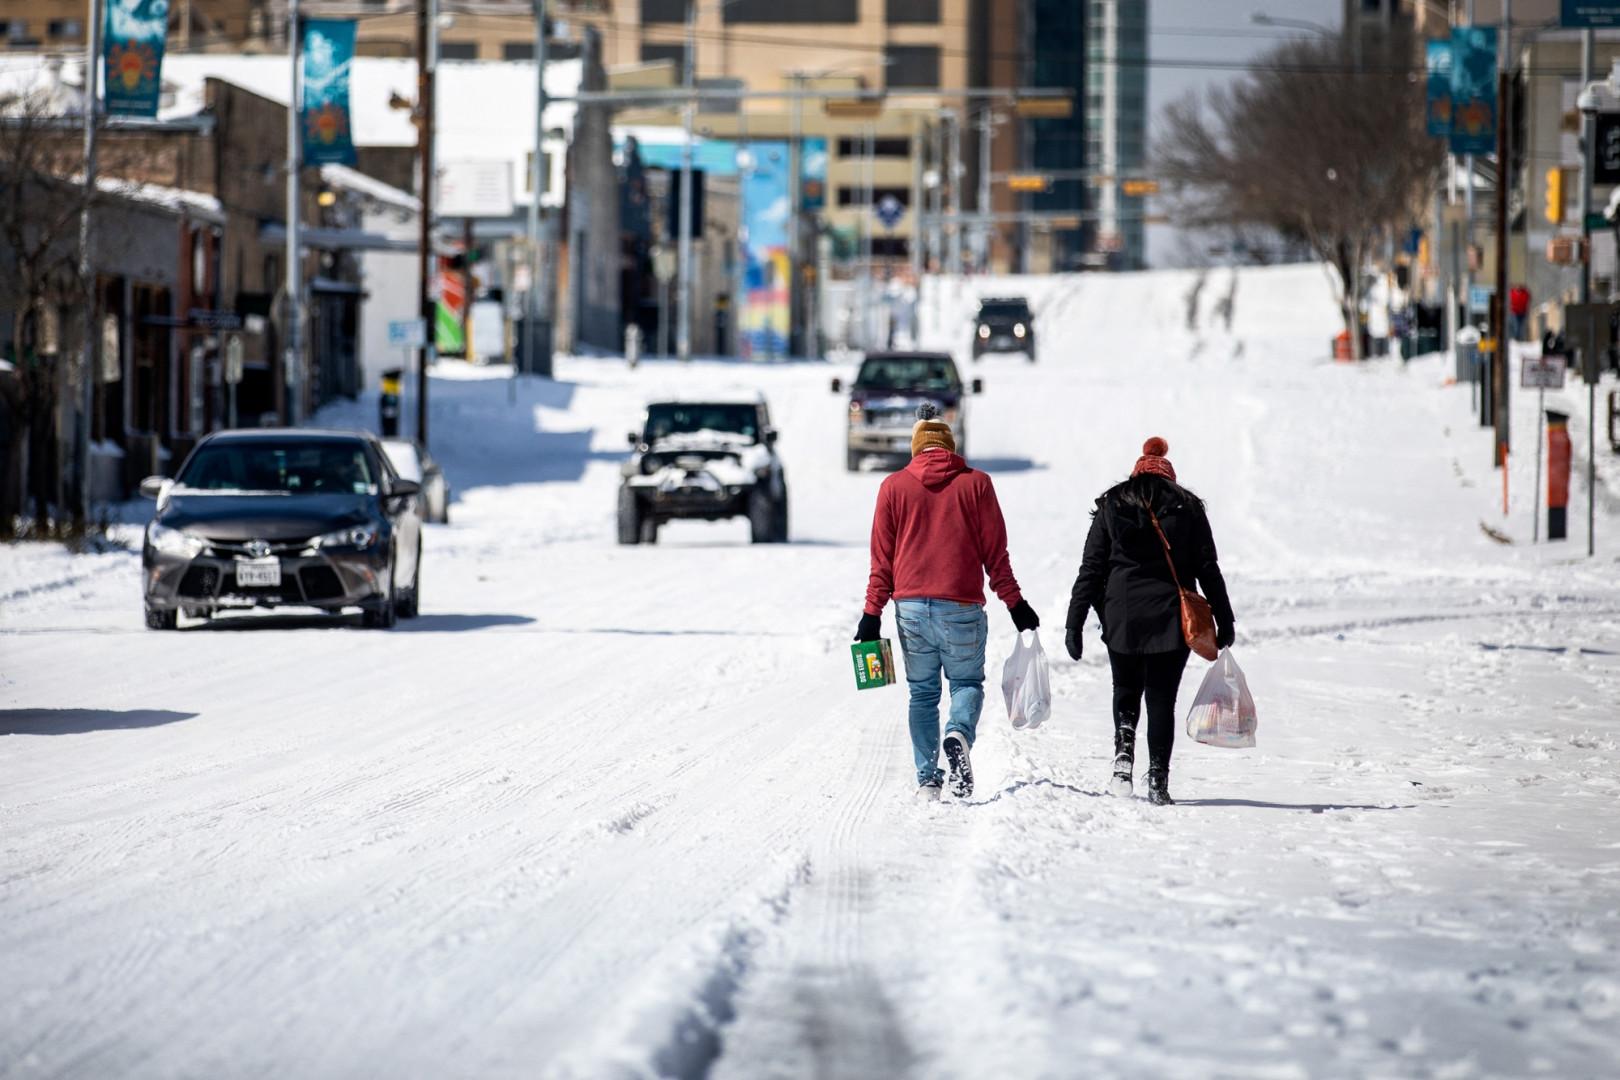 Des gens portent des provisions depuis une station-service le 15 février 2021 à Austin, Texas.